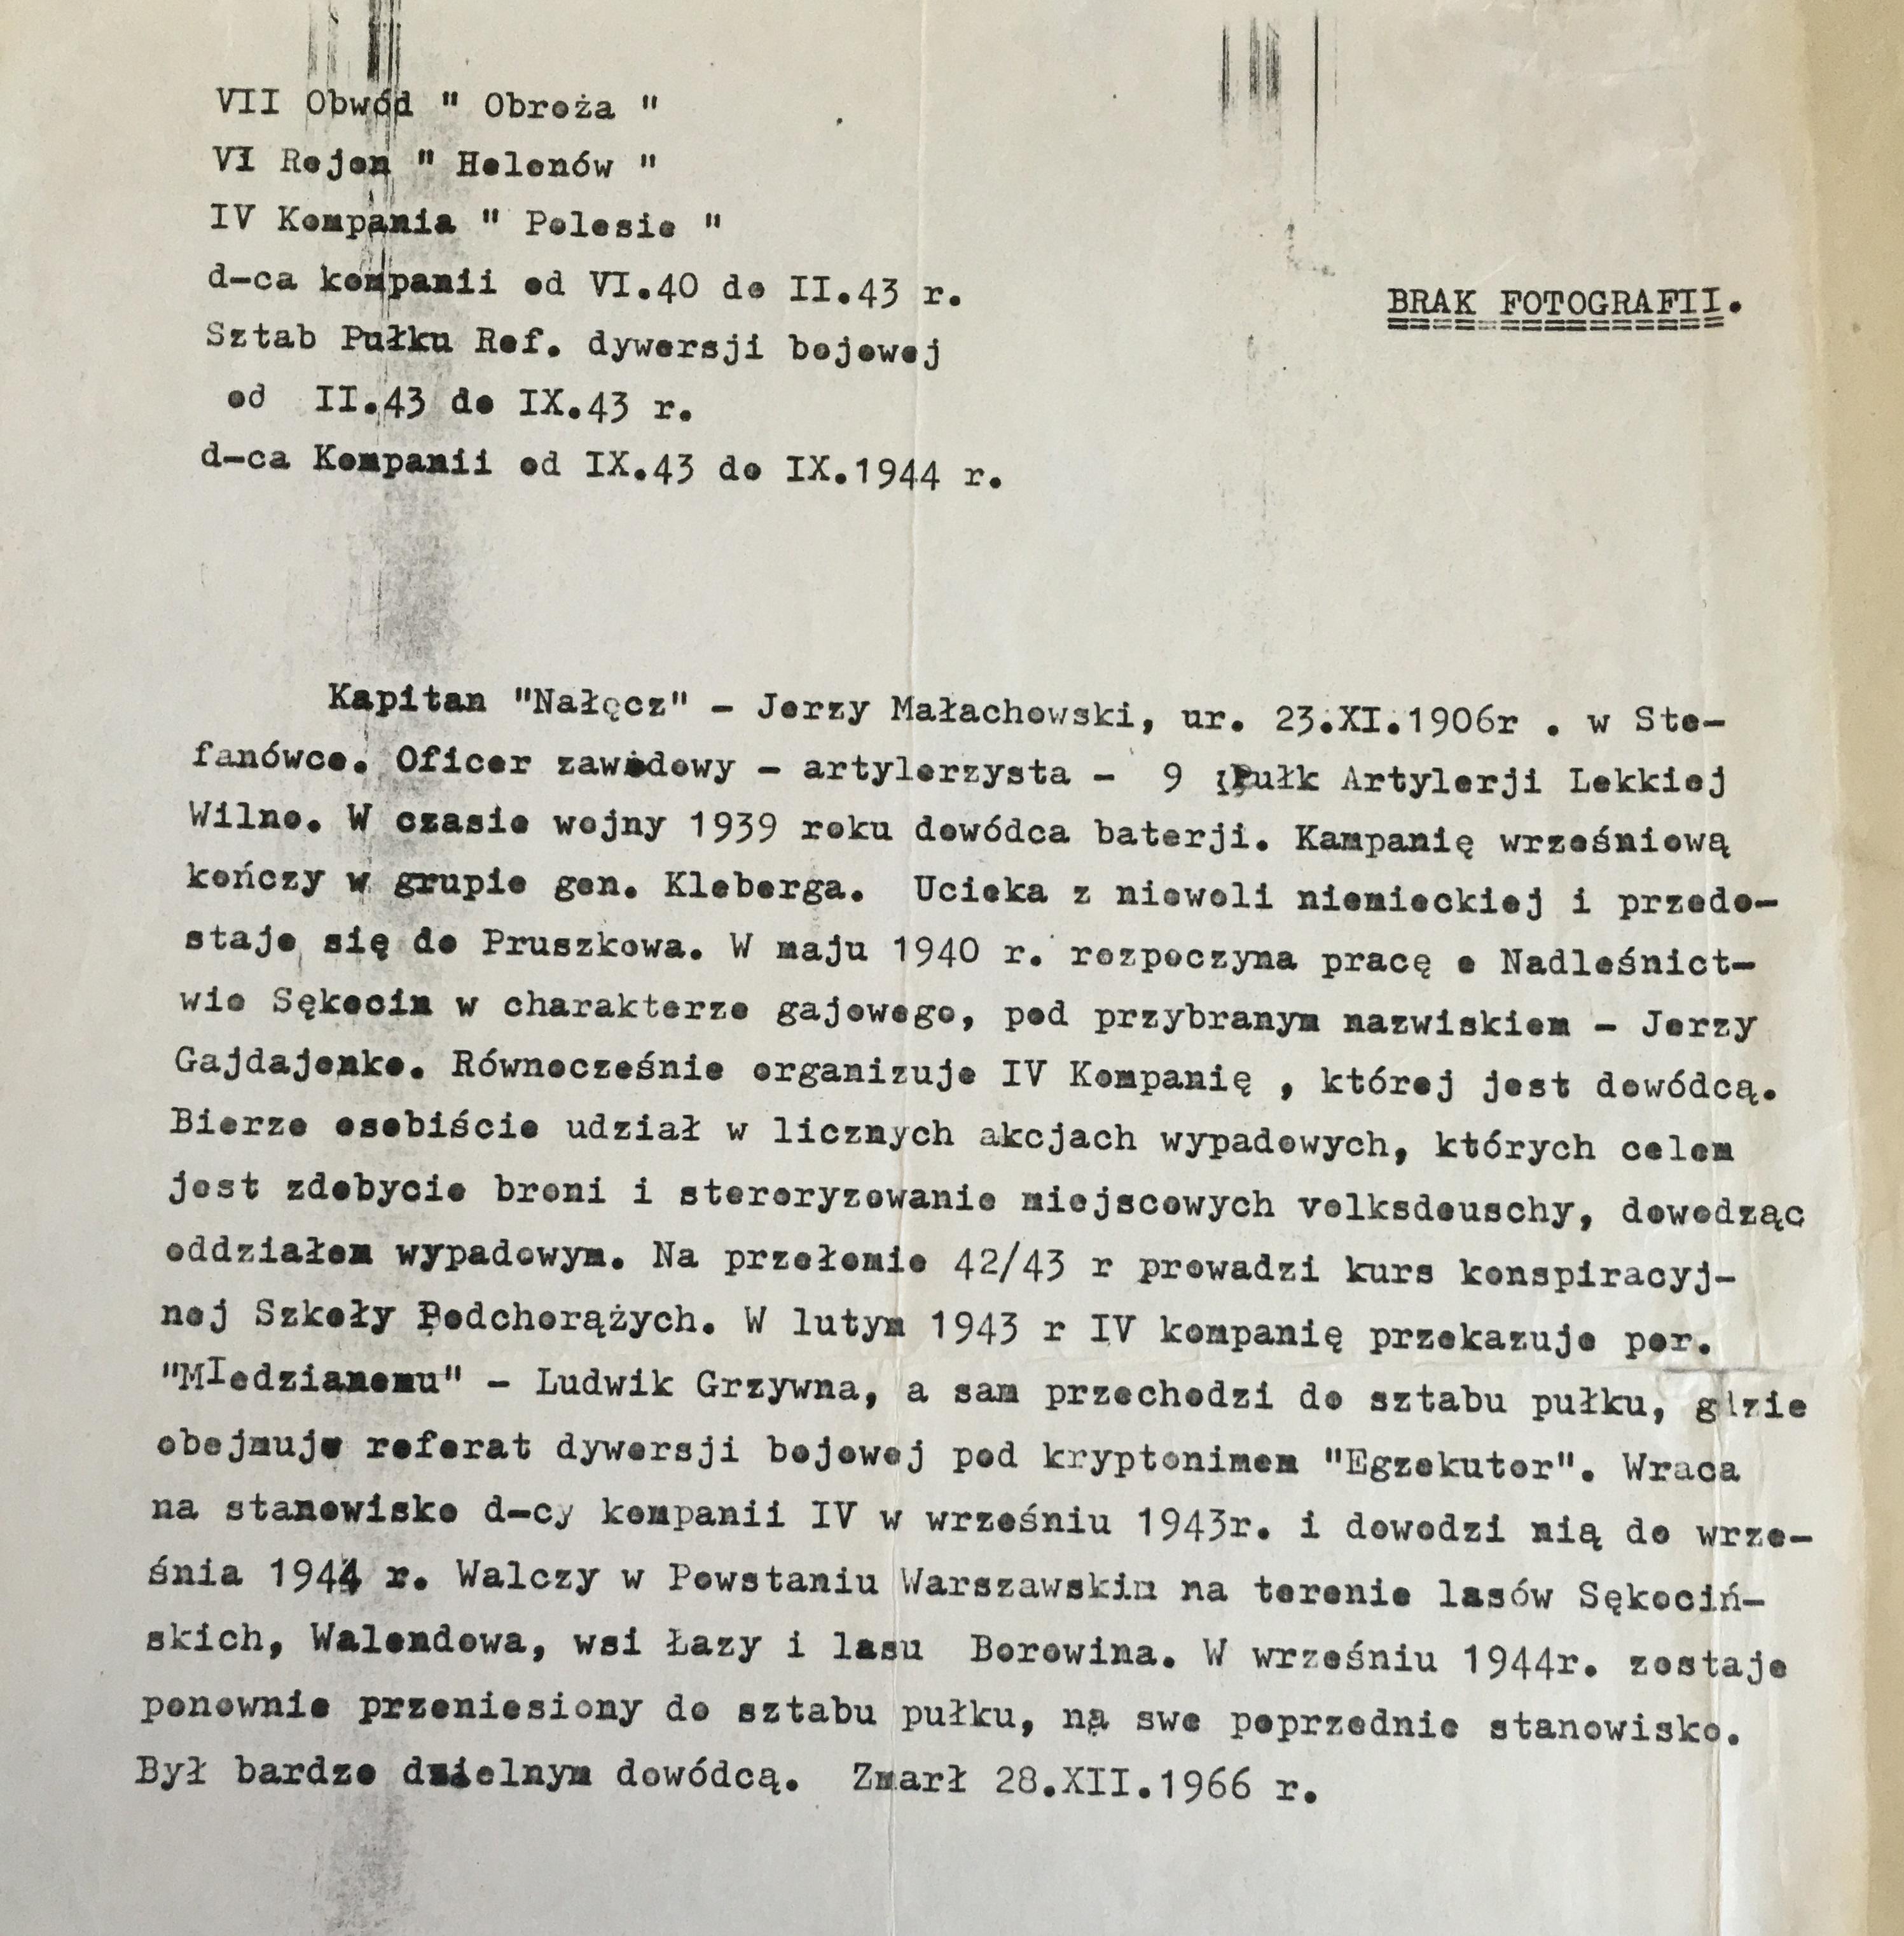 Dokument udostępniła p. Sylwia Małachowska